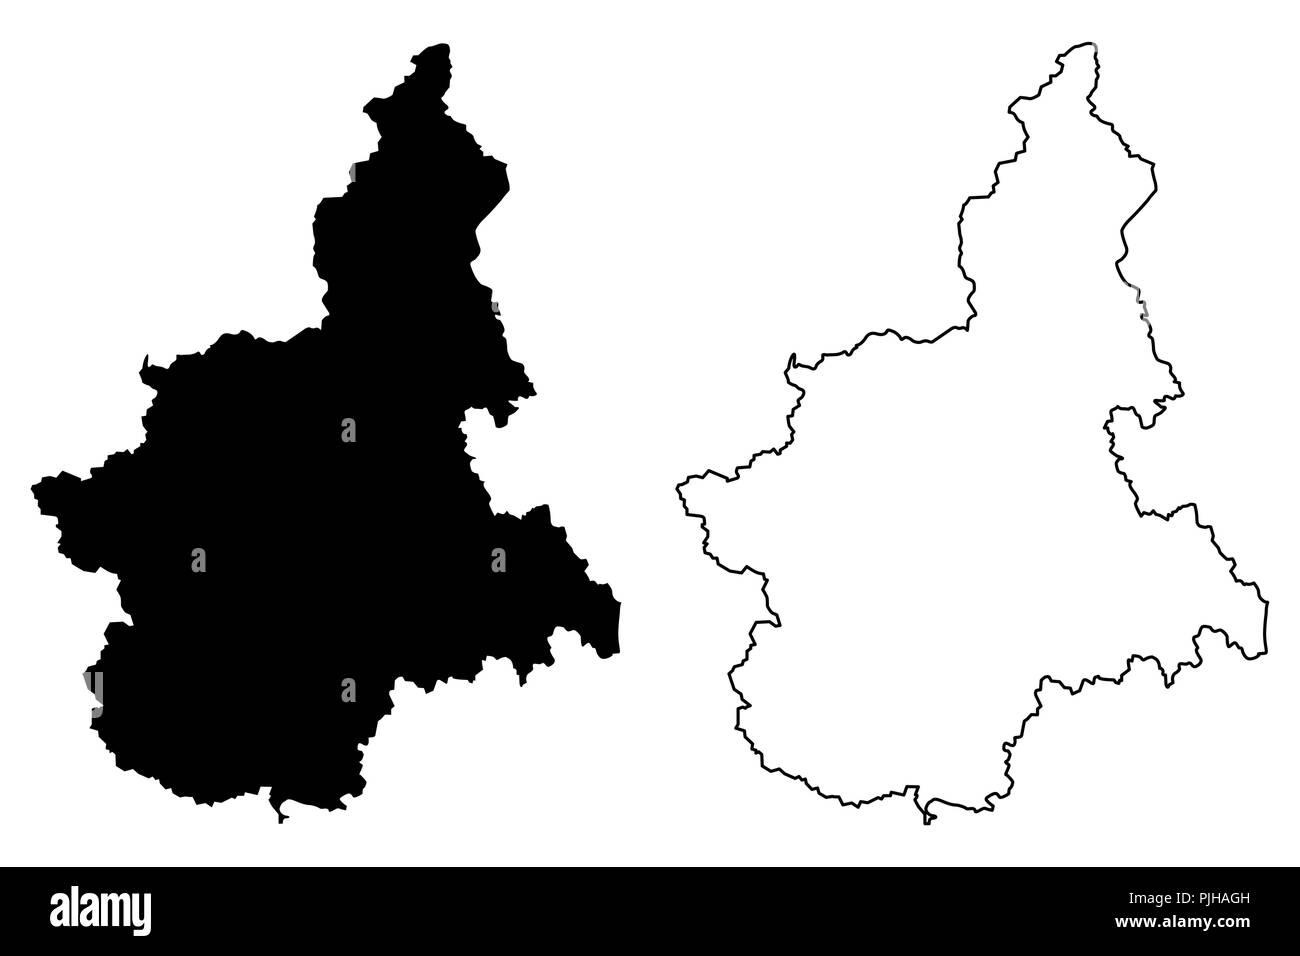 Cartina Regione Piemonte.Piemonte Regione Autonoma Dell Italia Mappa Illustrazione Vettoriale Scribble Schizzo Piemonte Mappa Immagine E Vettoriale Alamy